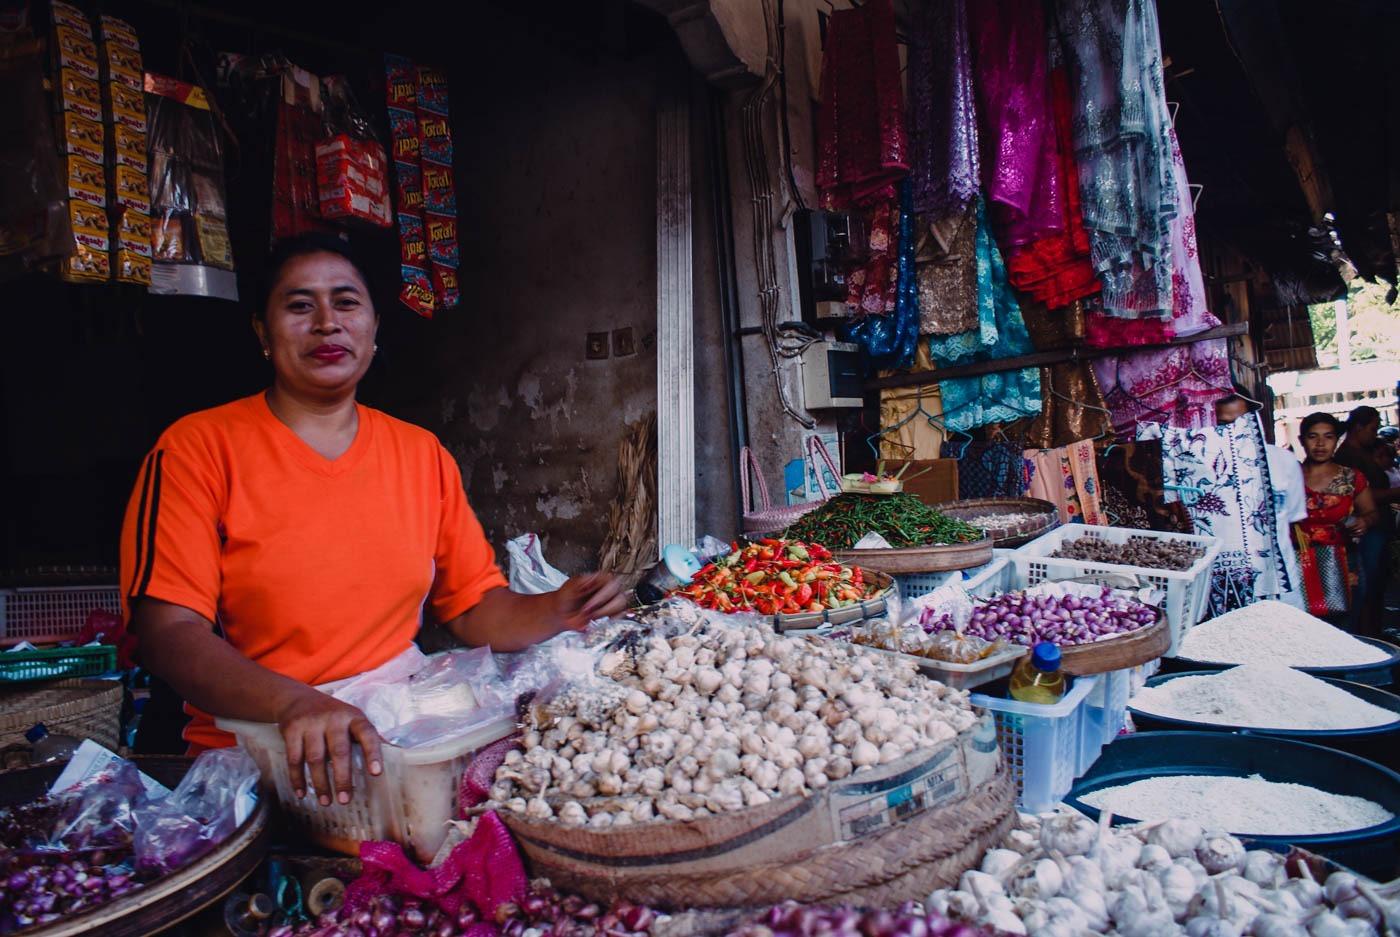 The Bali Food Guide I Bali Travel I Food I Indonesia I Travel #traveldestinations #food #bali #indonesia 1-2